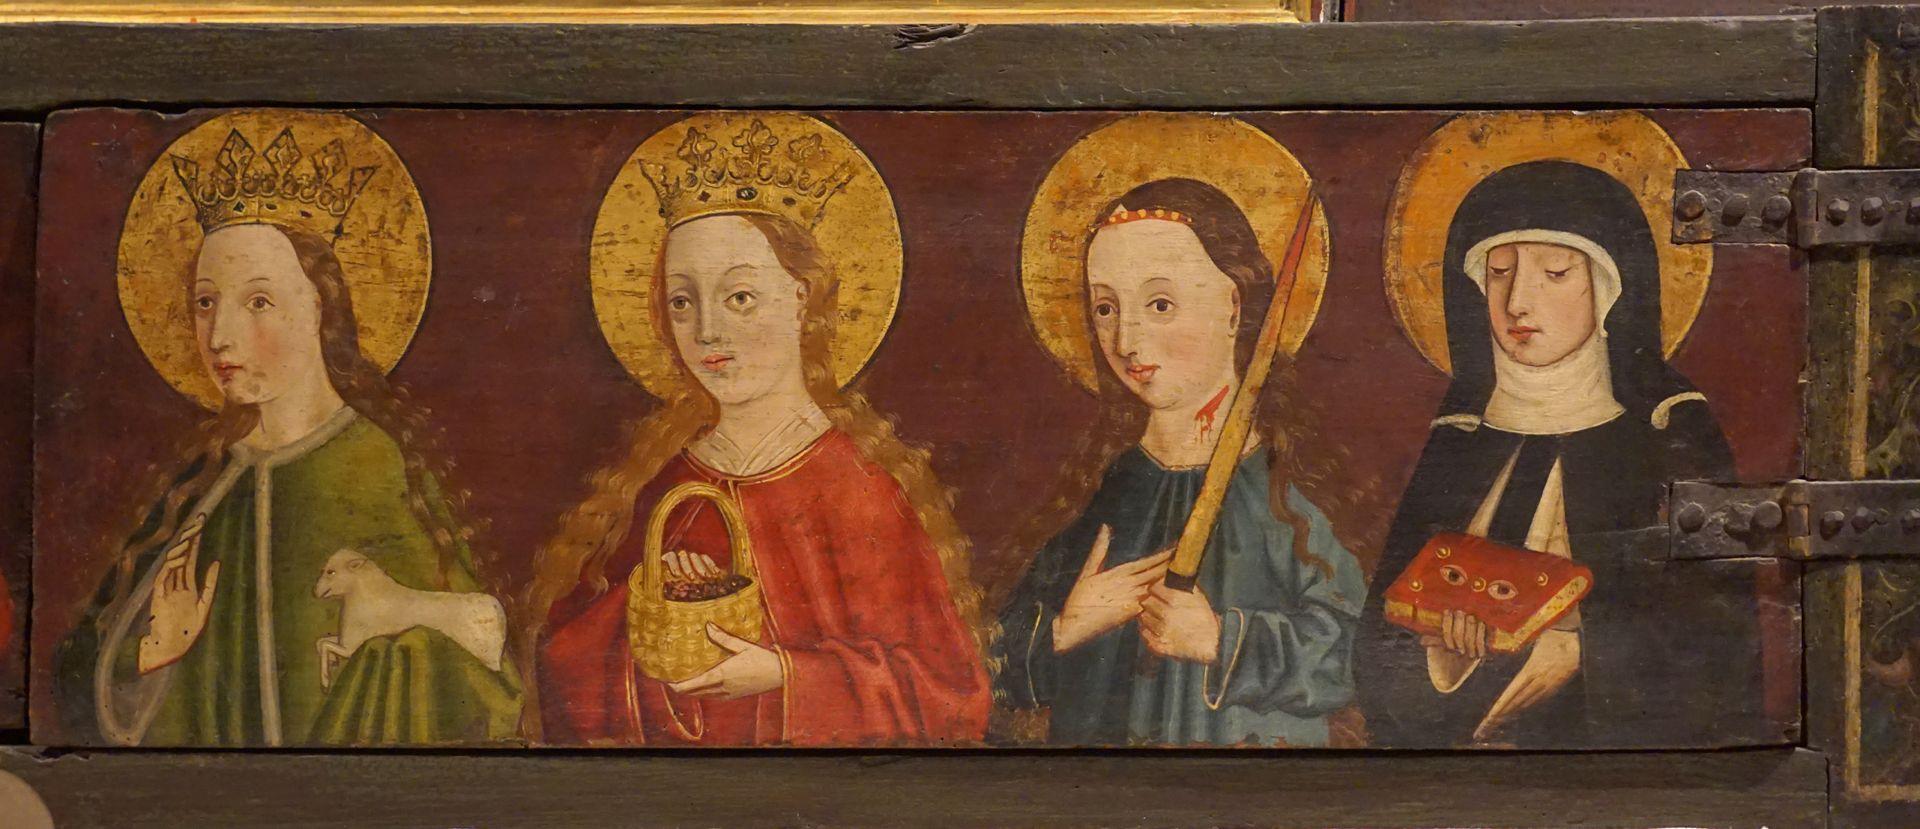 Krell-Altar rechte Predellahälfte mit den Heiligen: Agnes, Dorothea, Lucia und Ottilia (Odilia)